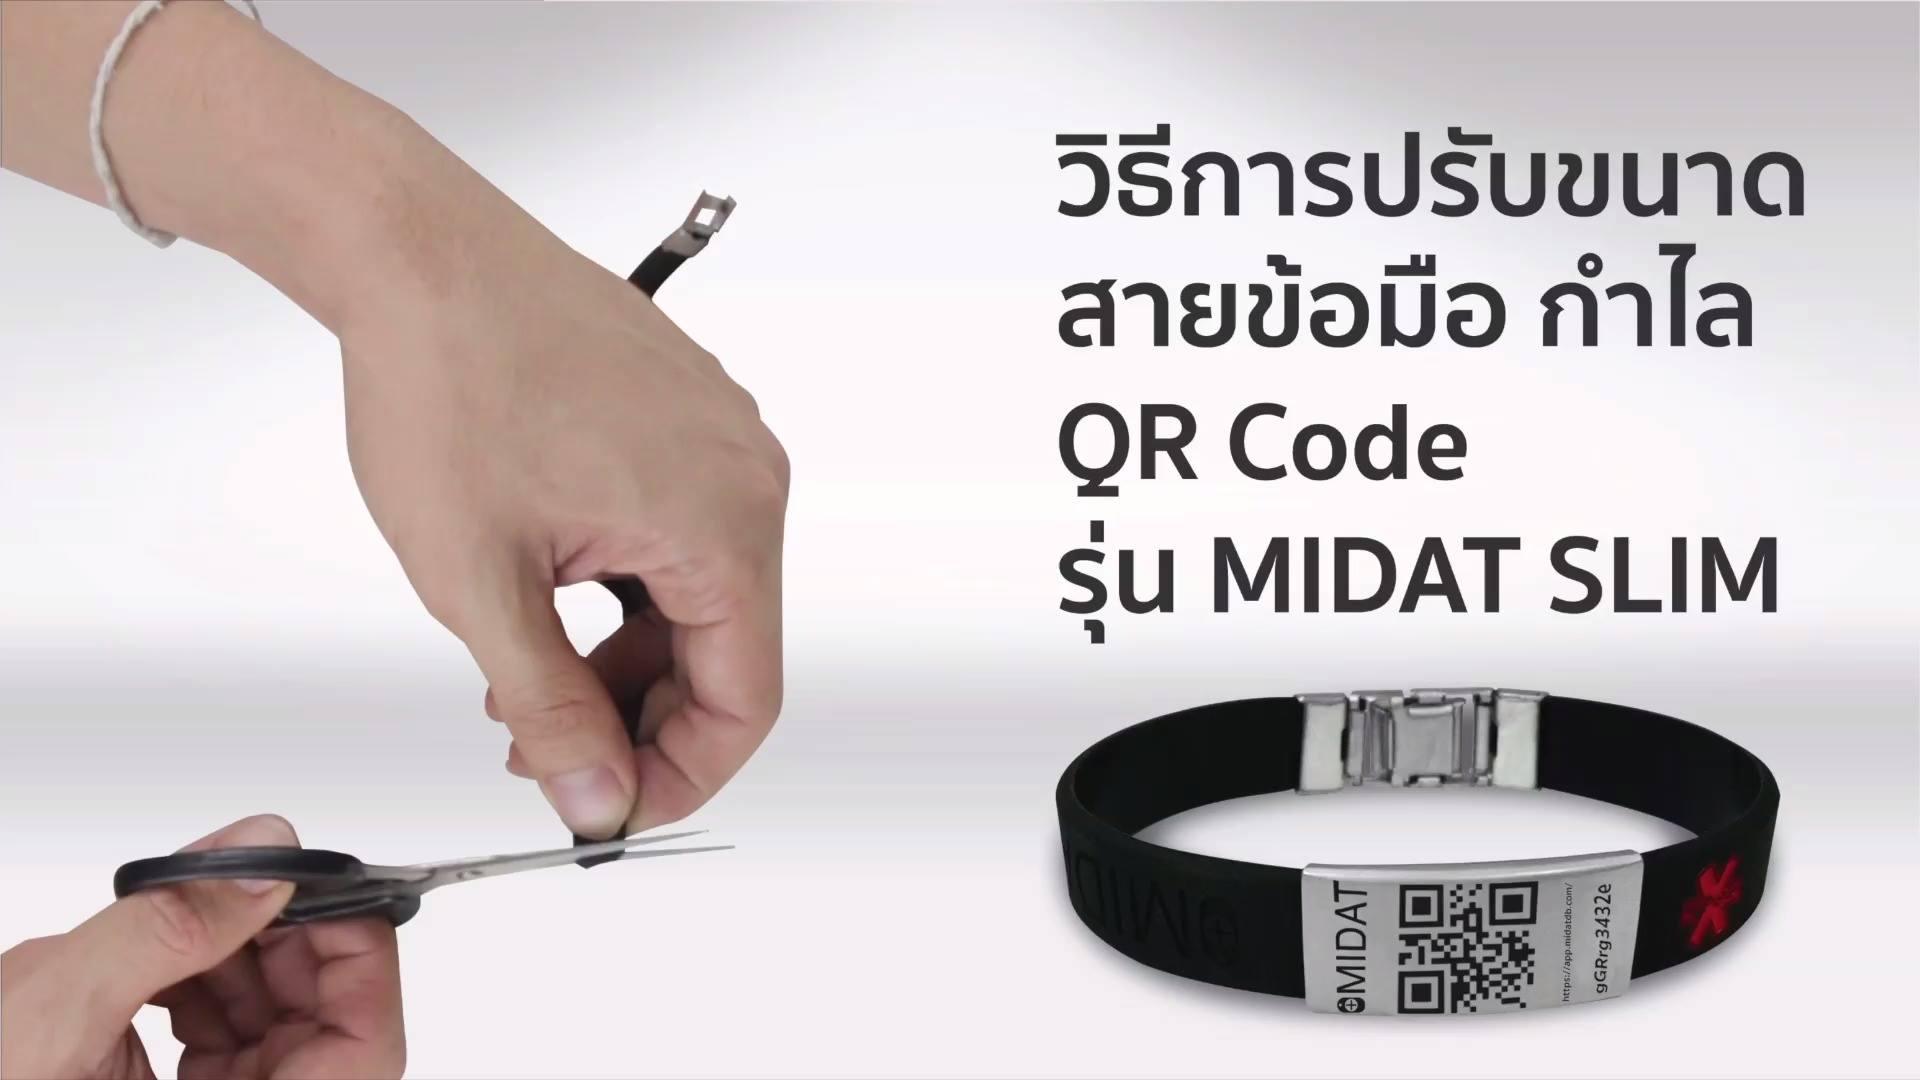 วิธีการปรับสายกำไล QR Code Midat Slim